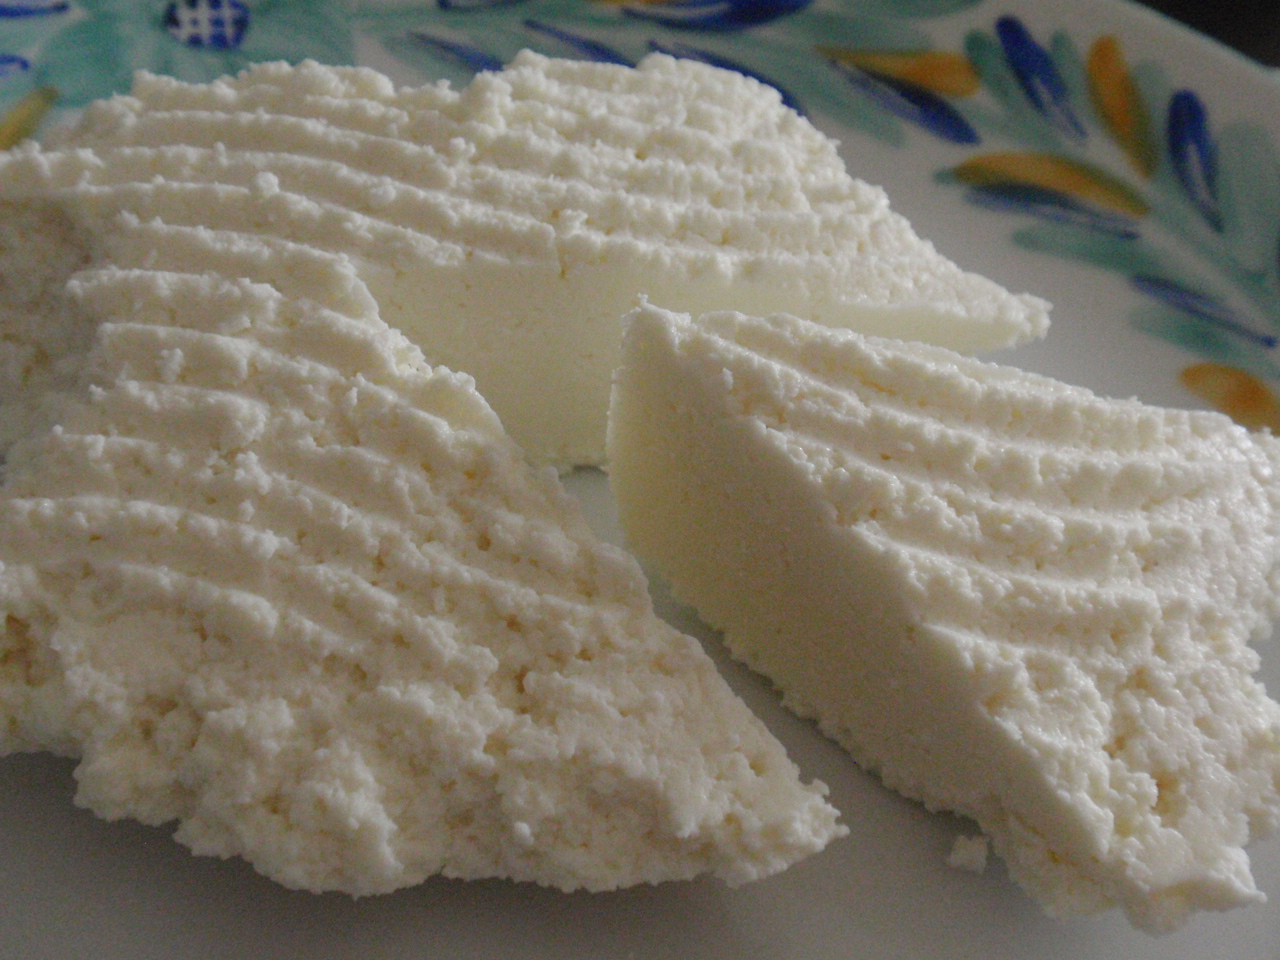 Peynirin üzerine koyarsanız